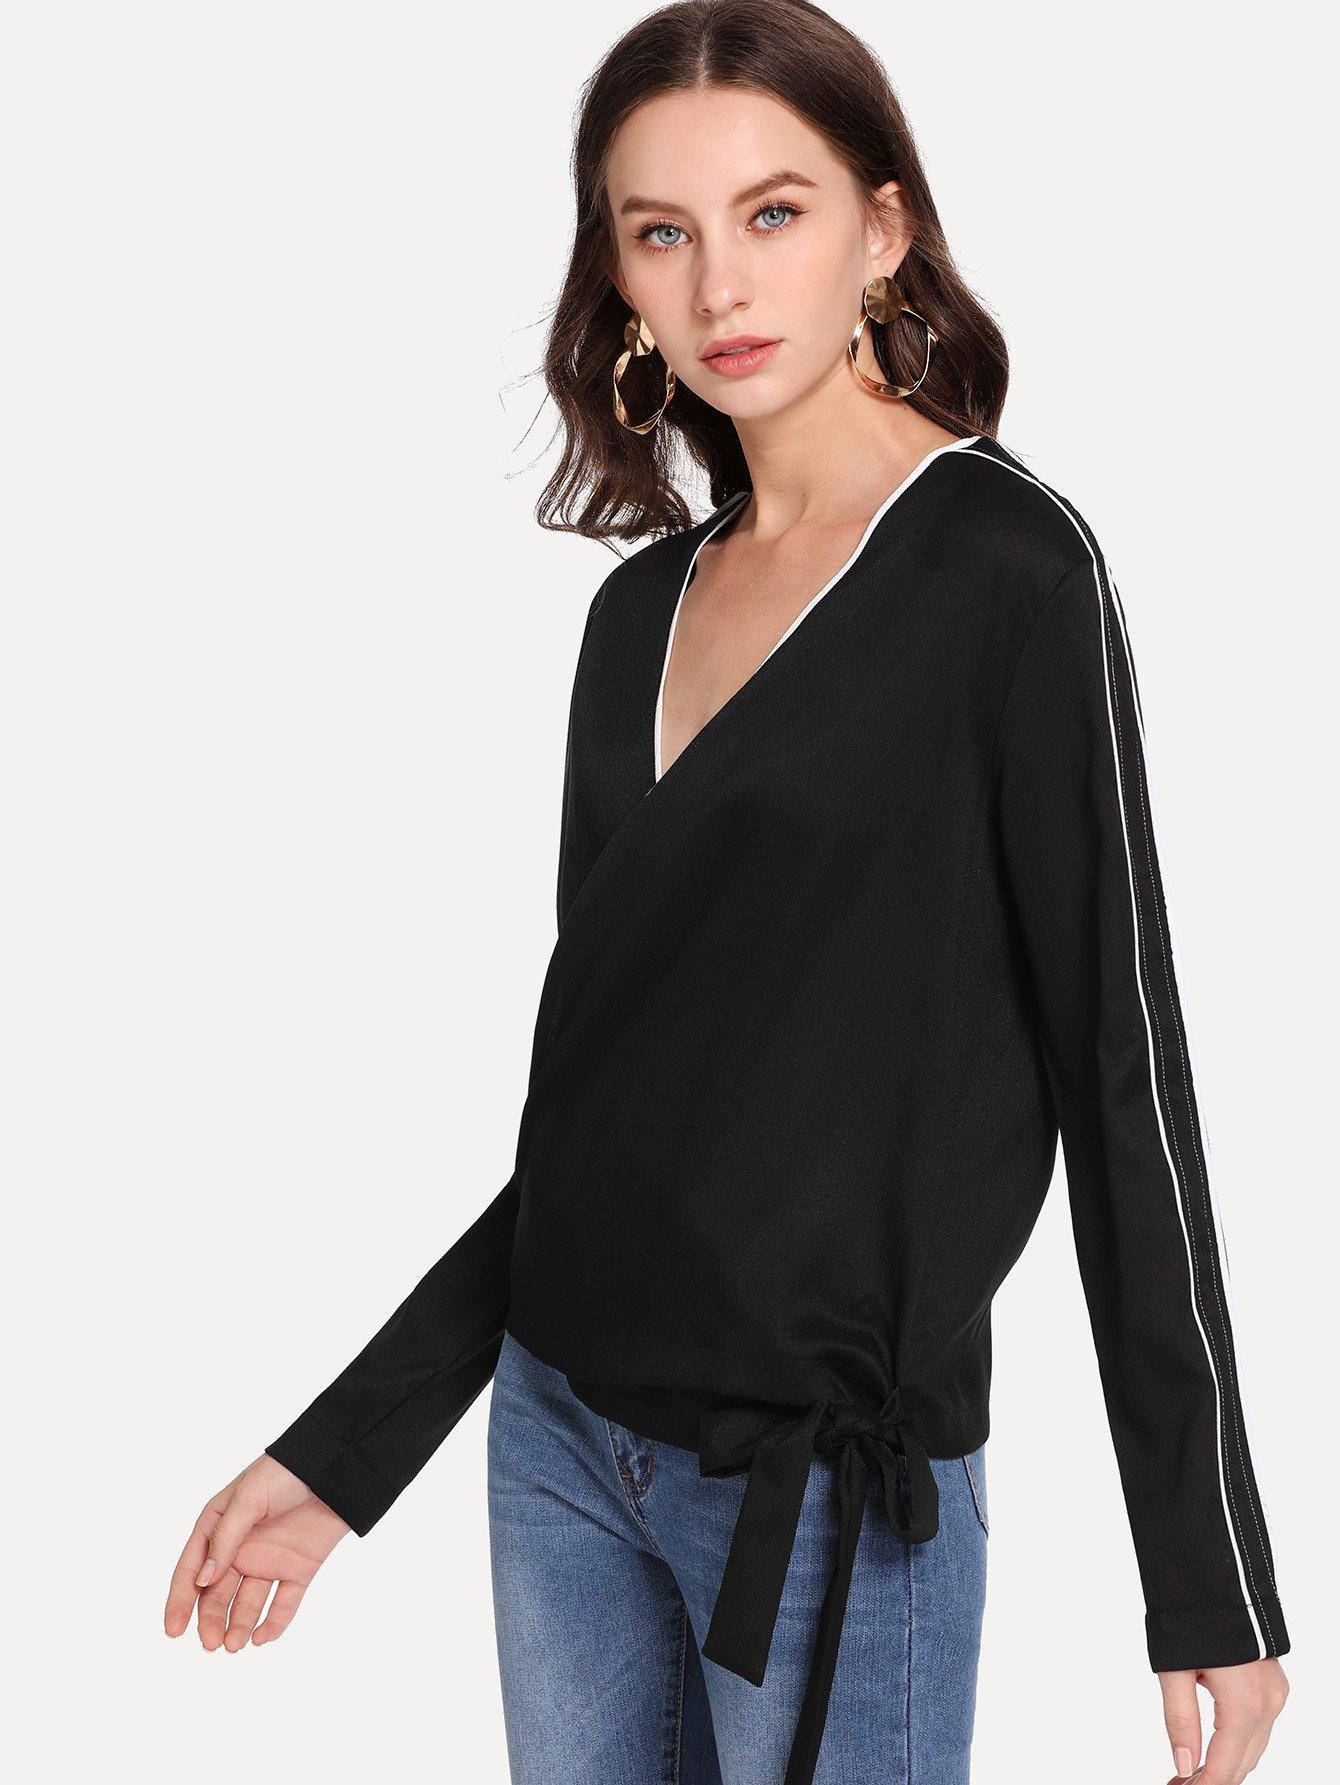 Купить Блузка с v-образным вырезом с узлом сбоку, Kate B, SheIn